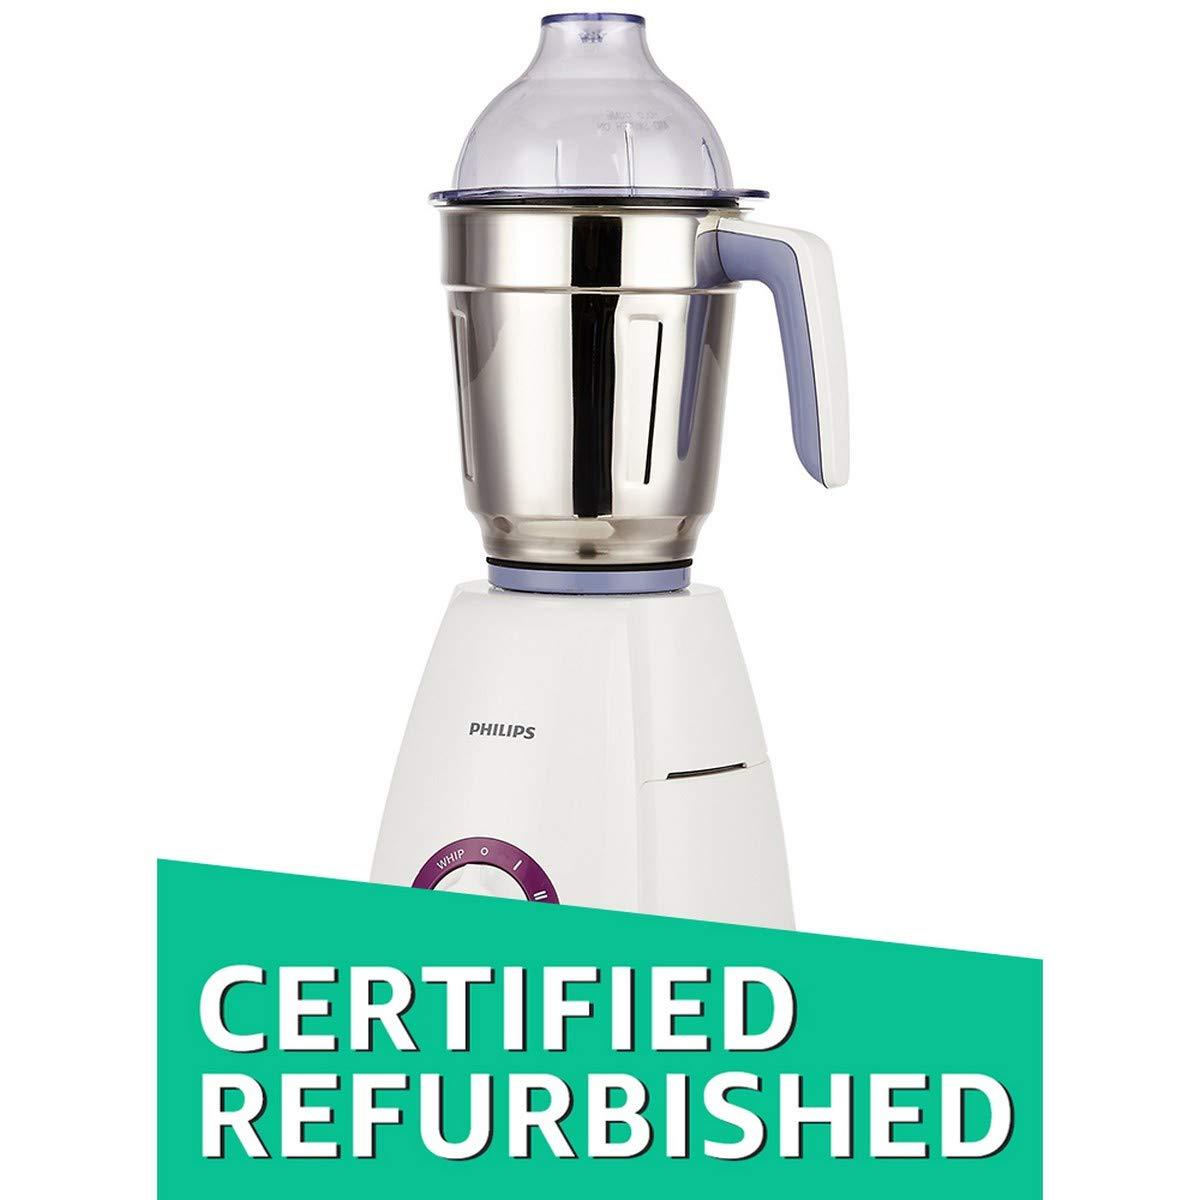 (Certified REFURBISHED) Philips HL7699/00 750-Watt Mixer